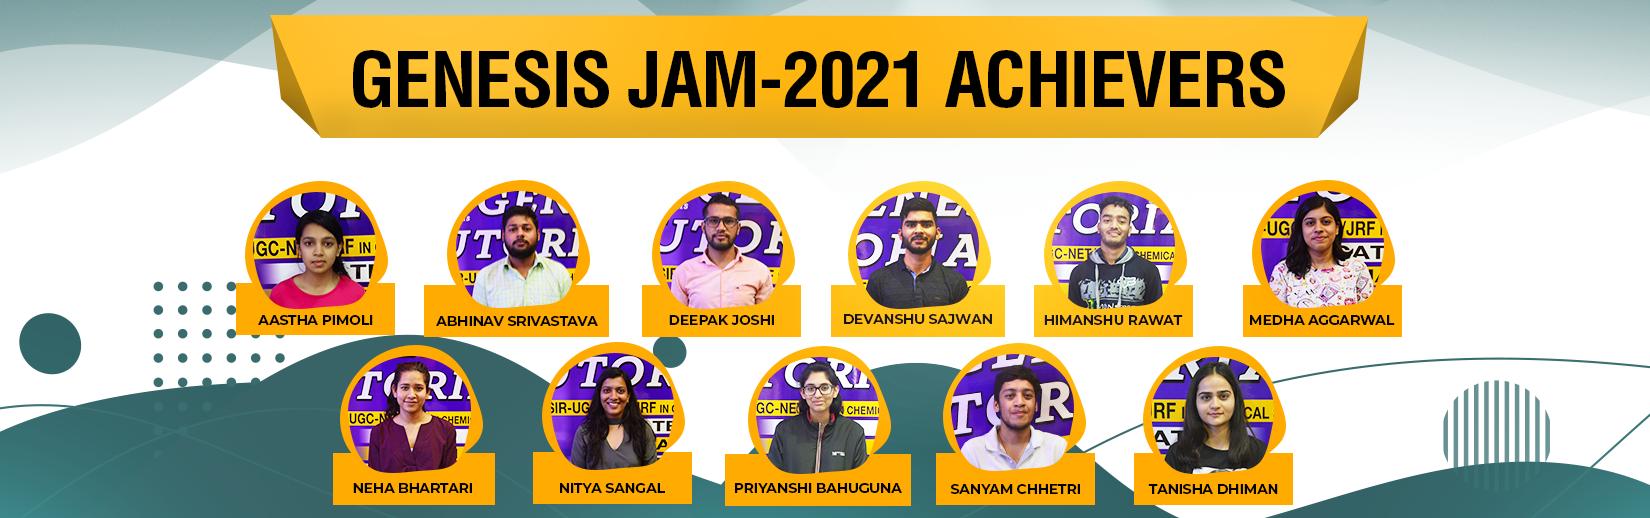 IIT JAM 2021 Student Results -Genesis Tutorials